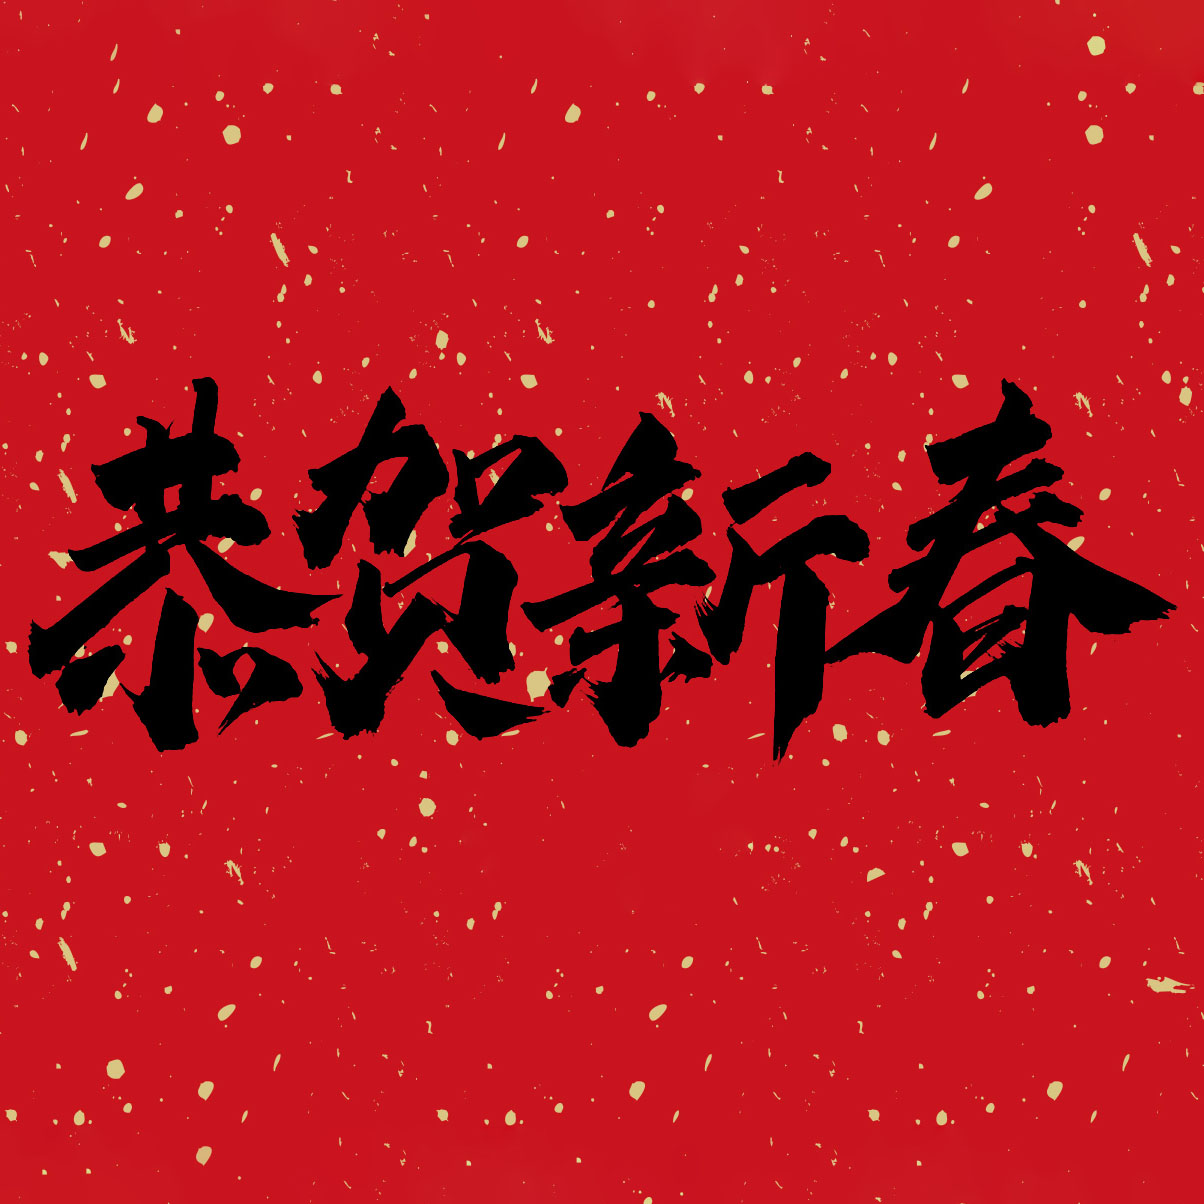 2021新年祝福语人工毛笔字字体素材